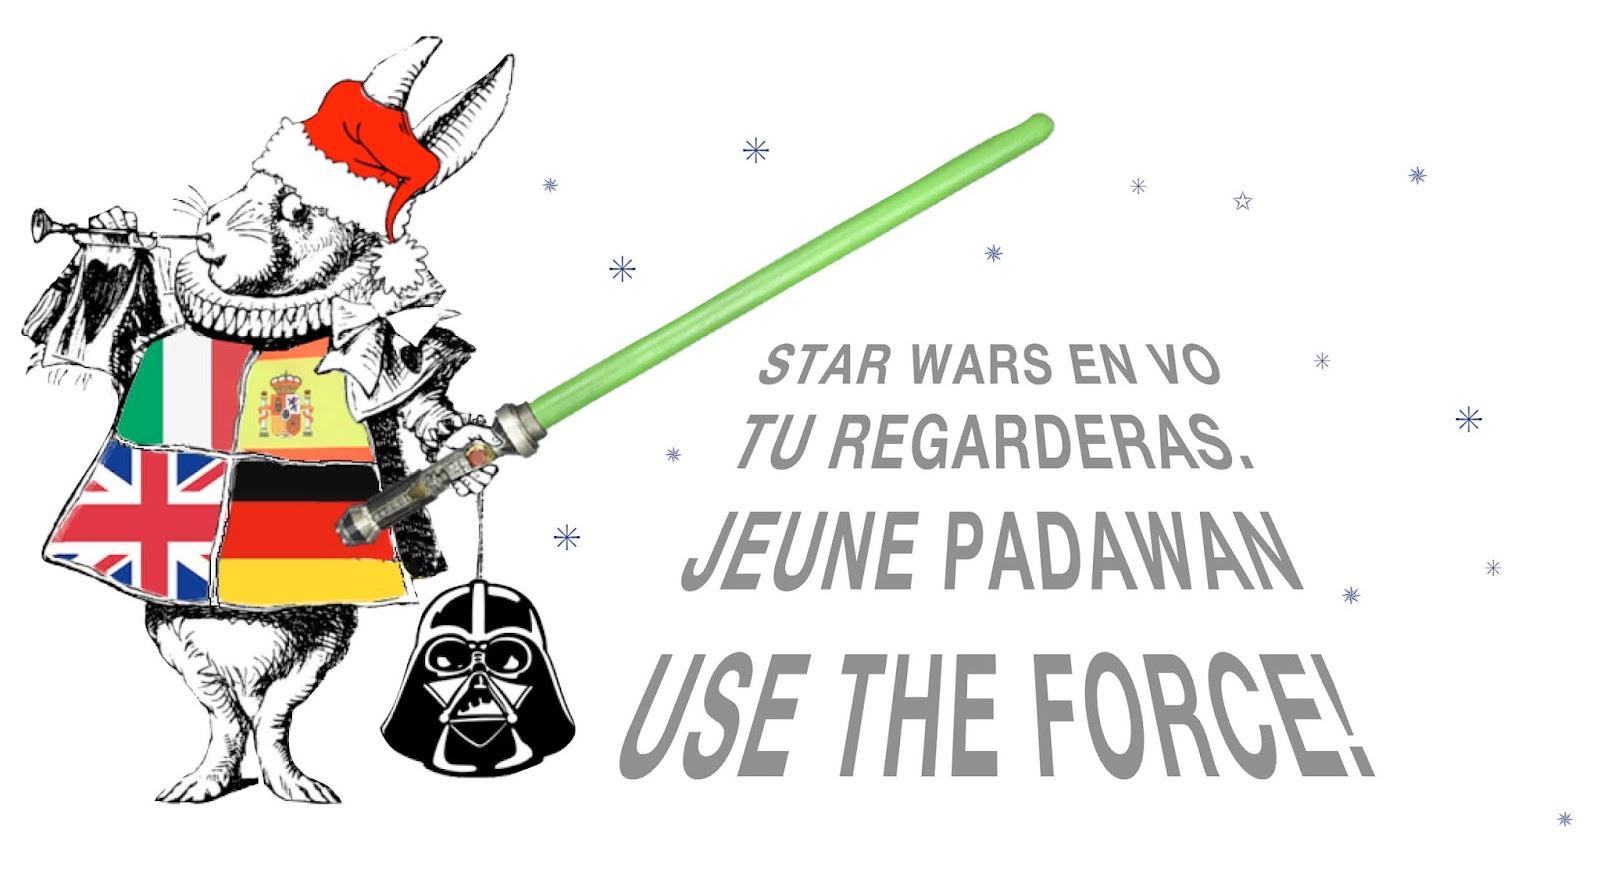 COUR DES MARGUERITES: Use The Force